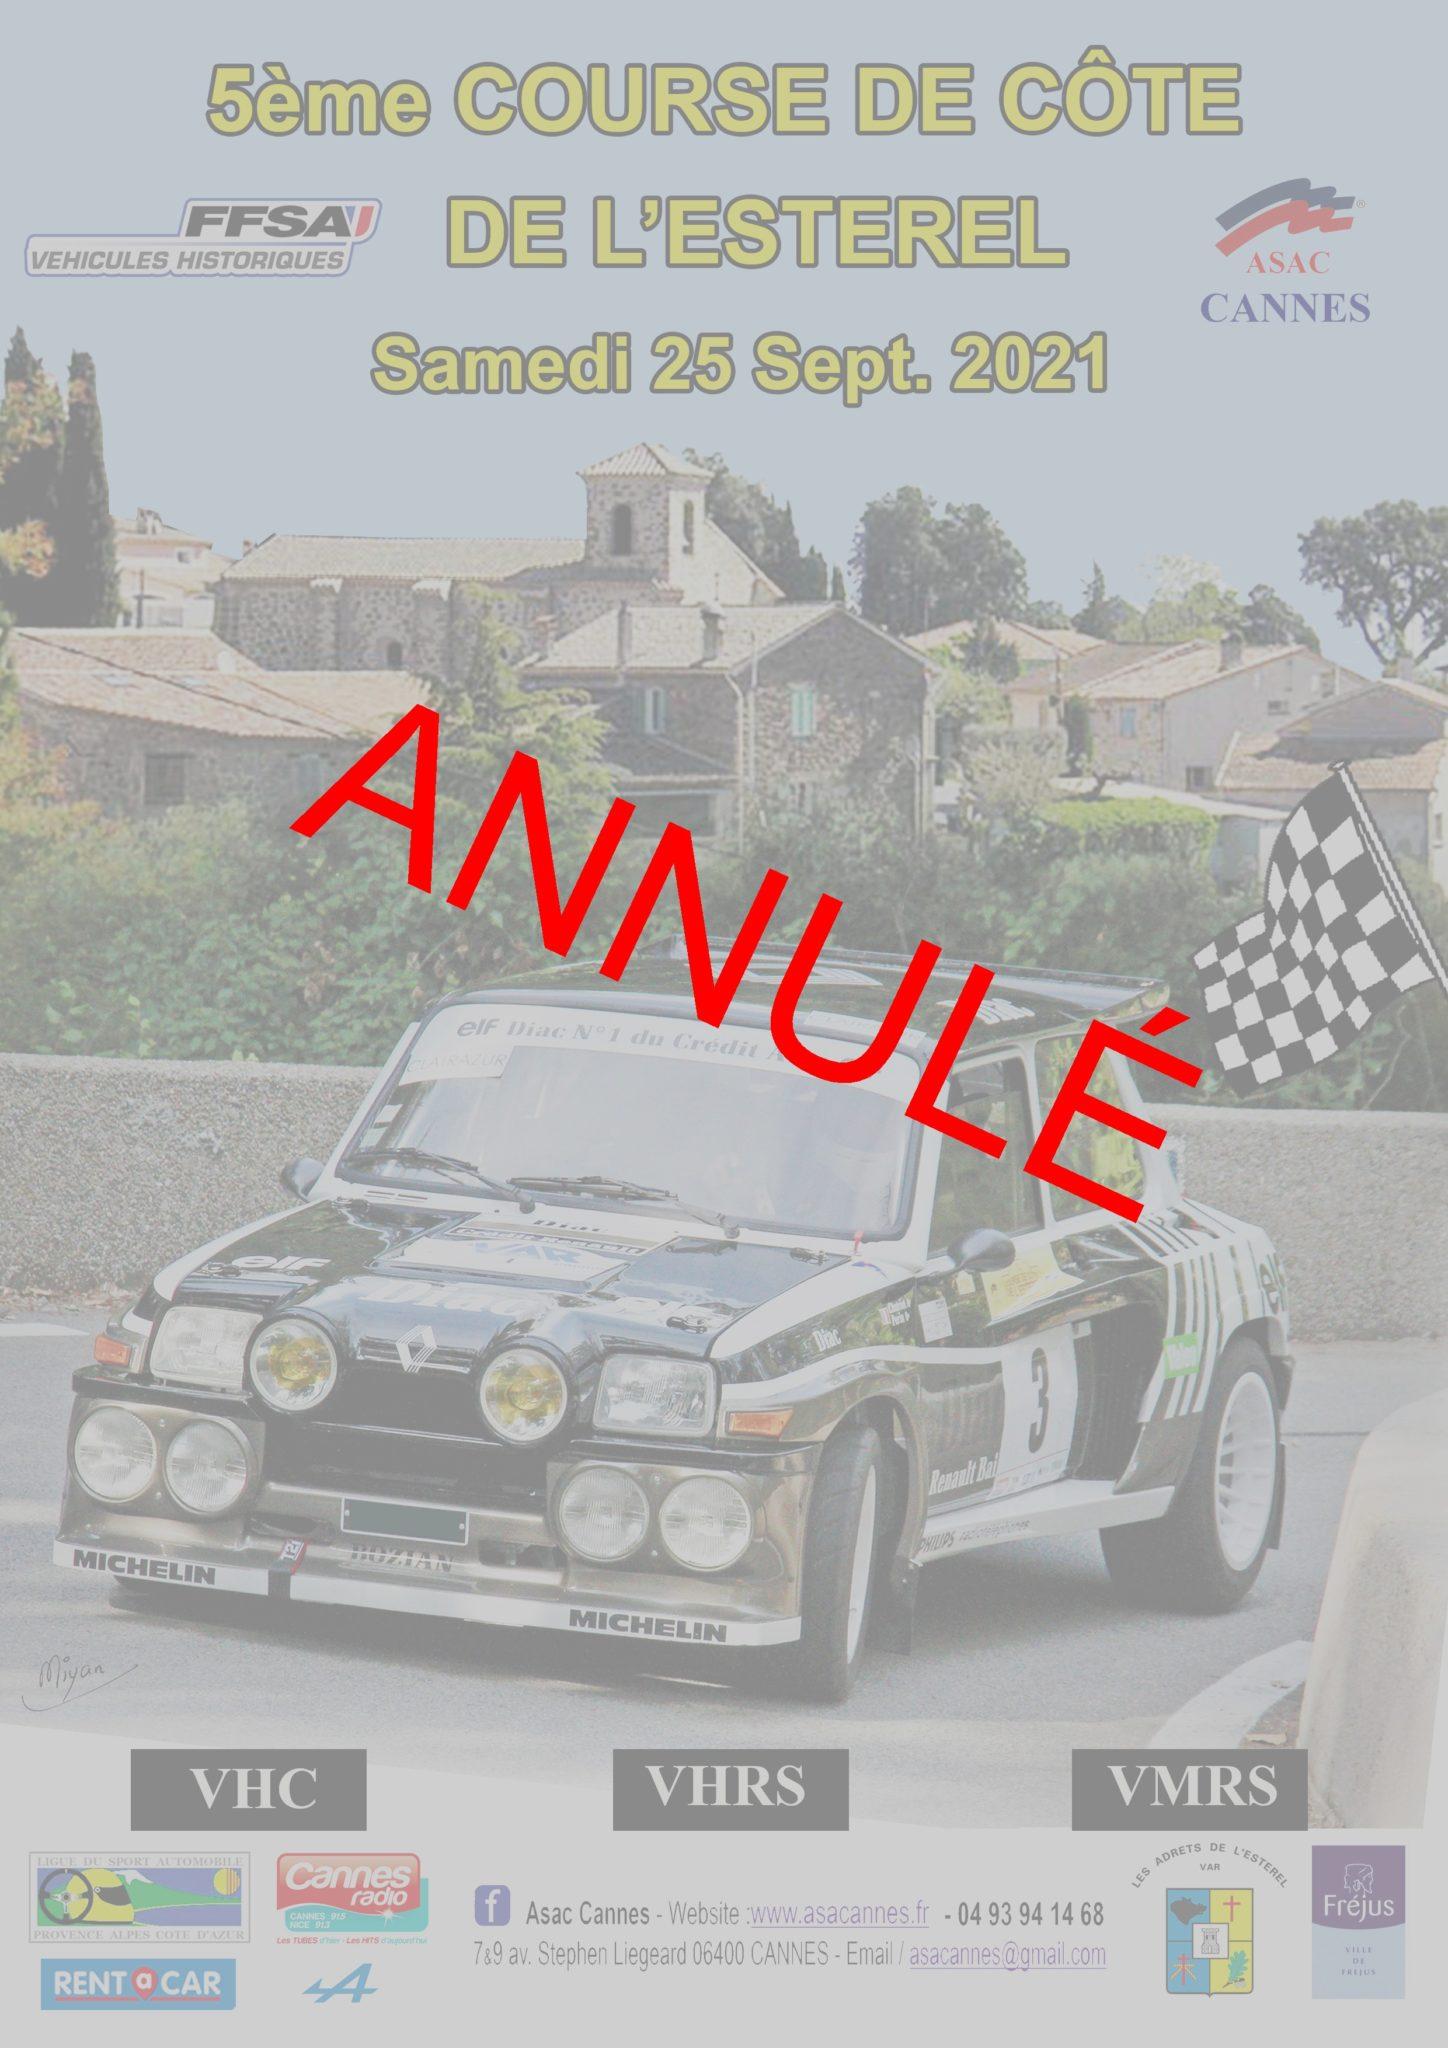 ANNULÉ – 25/09/2021 – 5ème course de côte